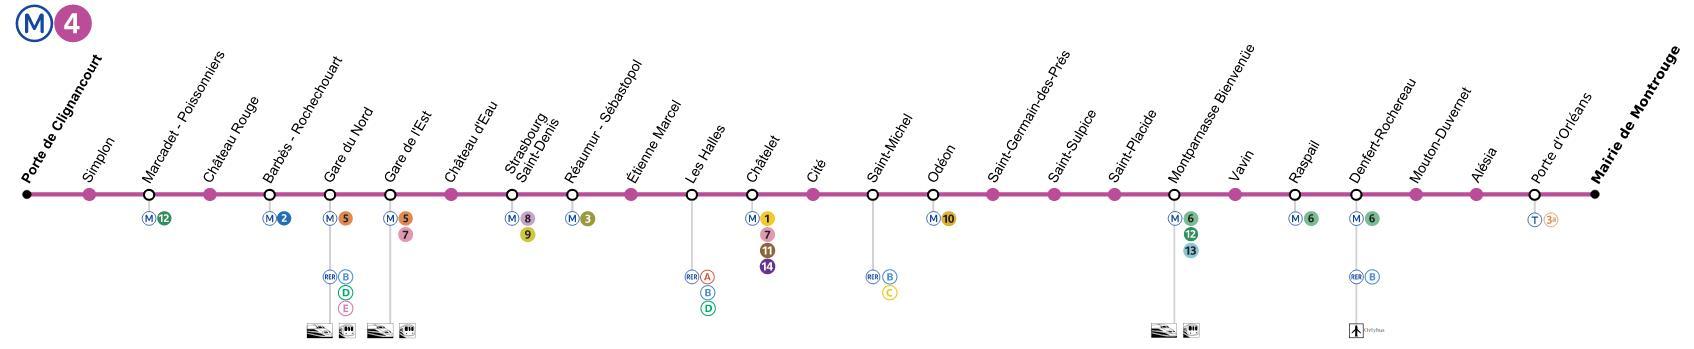 Plan ligne 4 métro de Paris